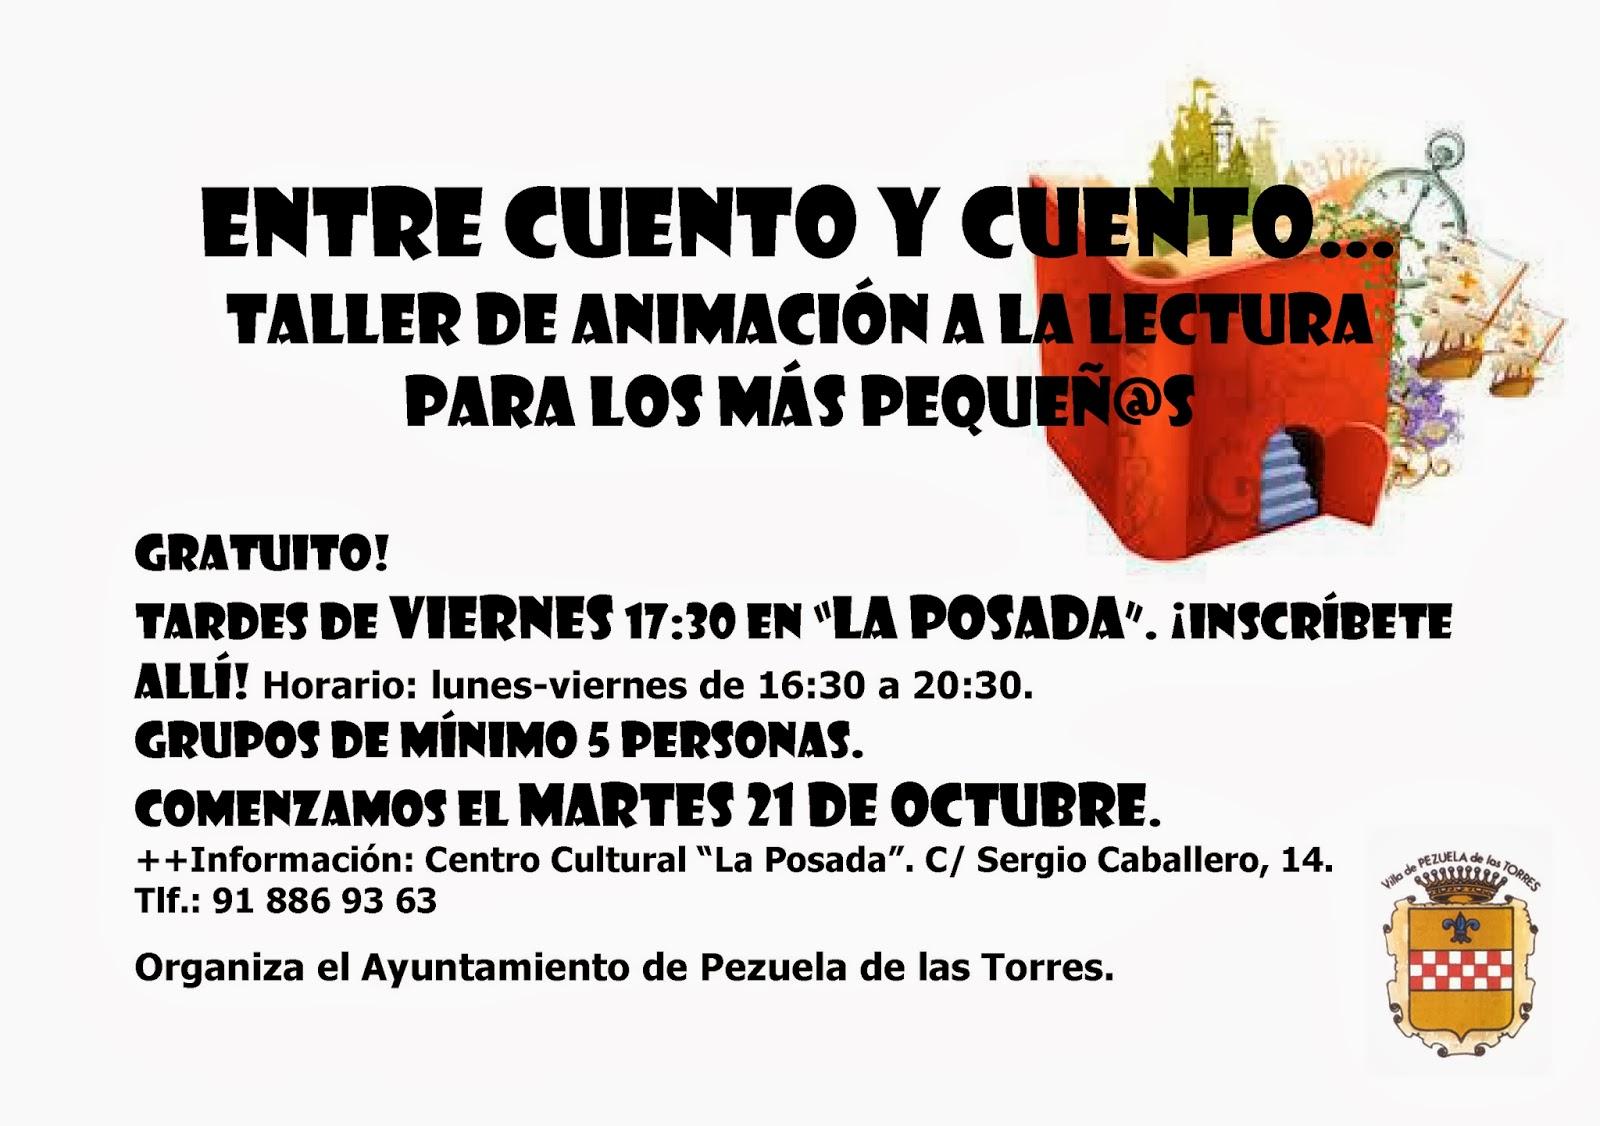 Familias de pezuela del cra amigos de la paz enero 2014 for Oficina 2038 bankia